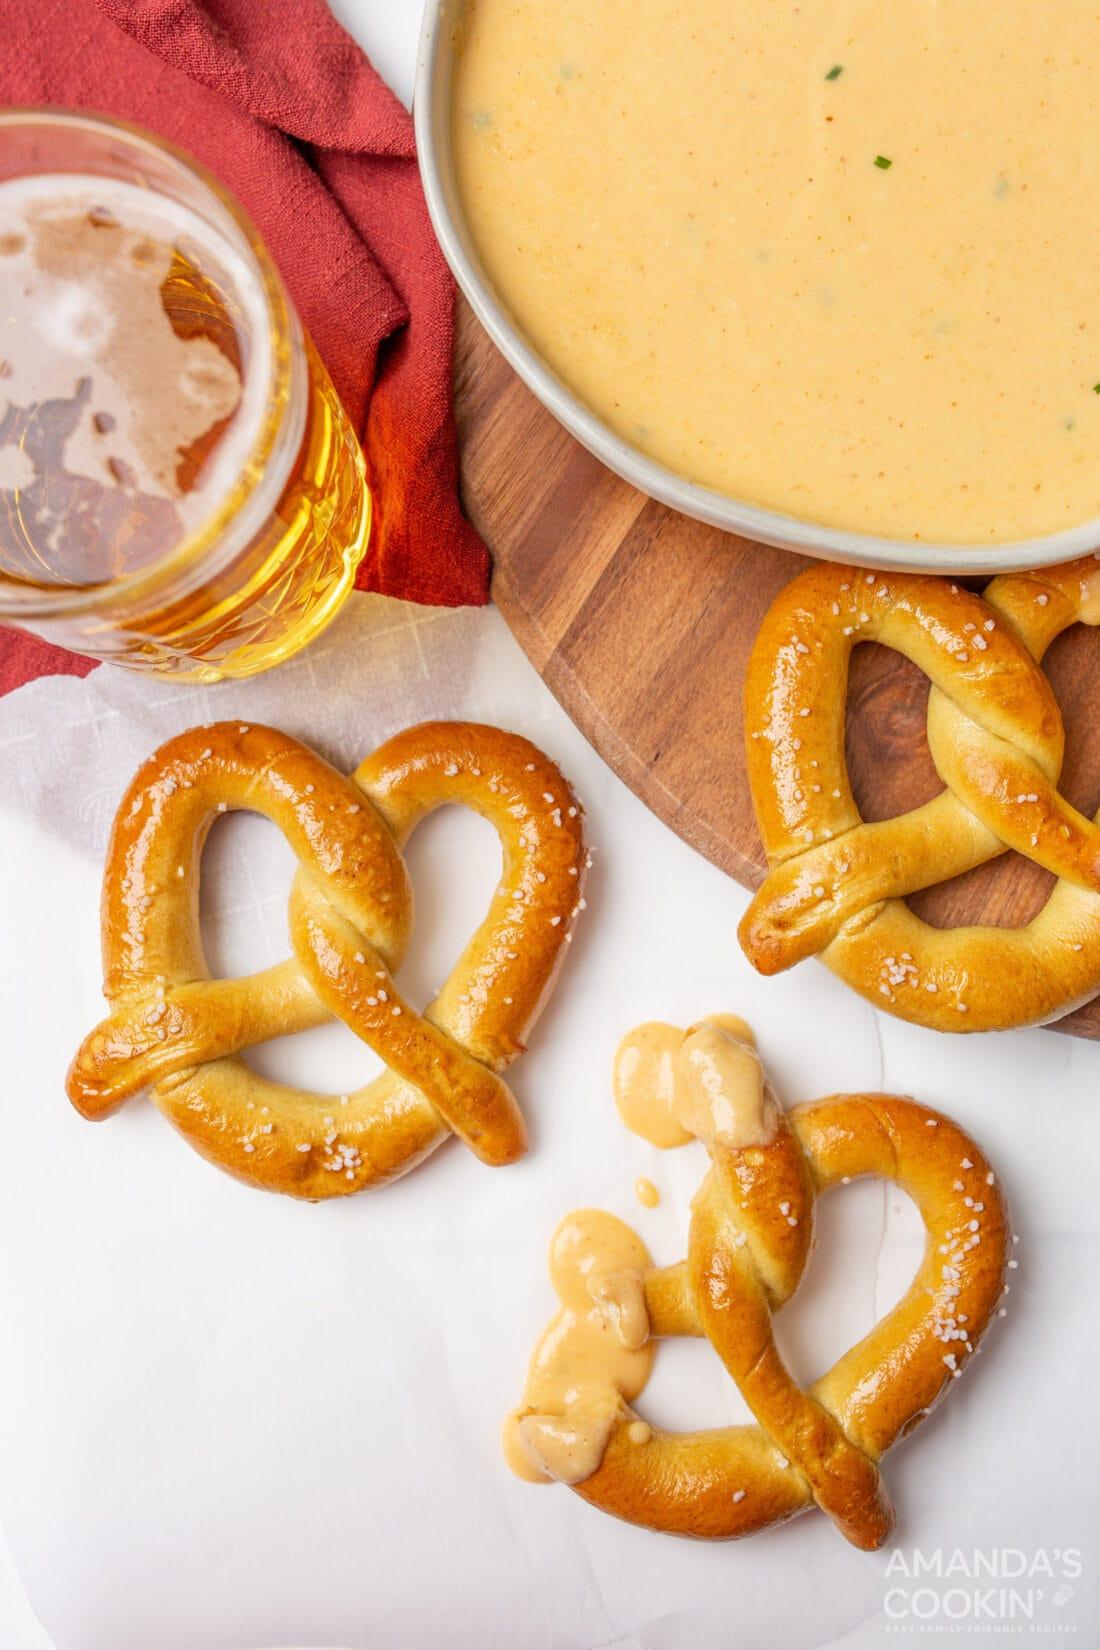 pretzel dipped in Beer Cheese Dip